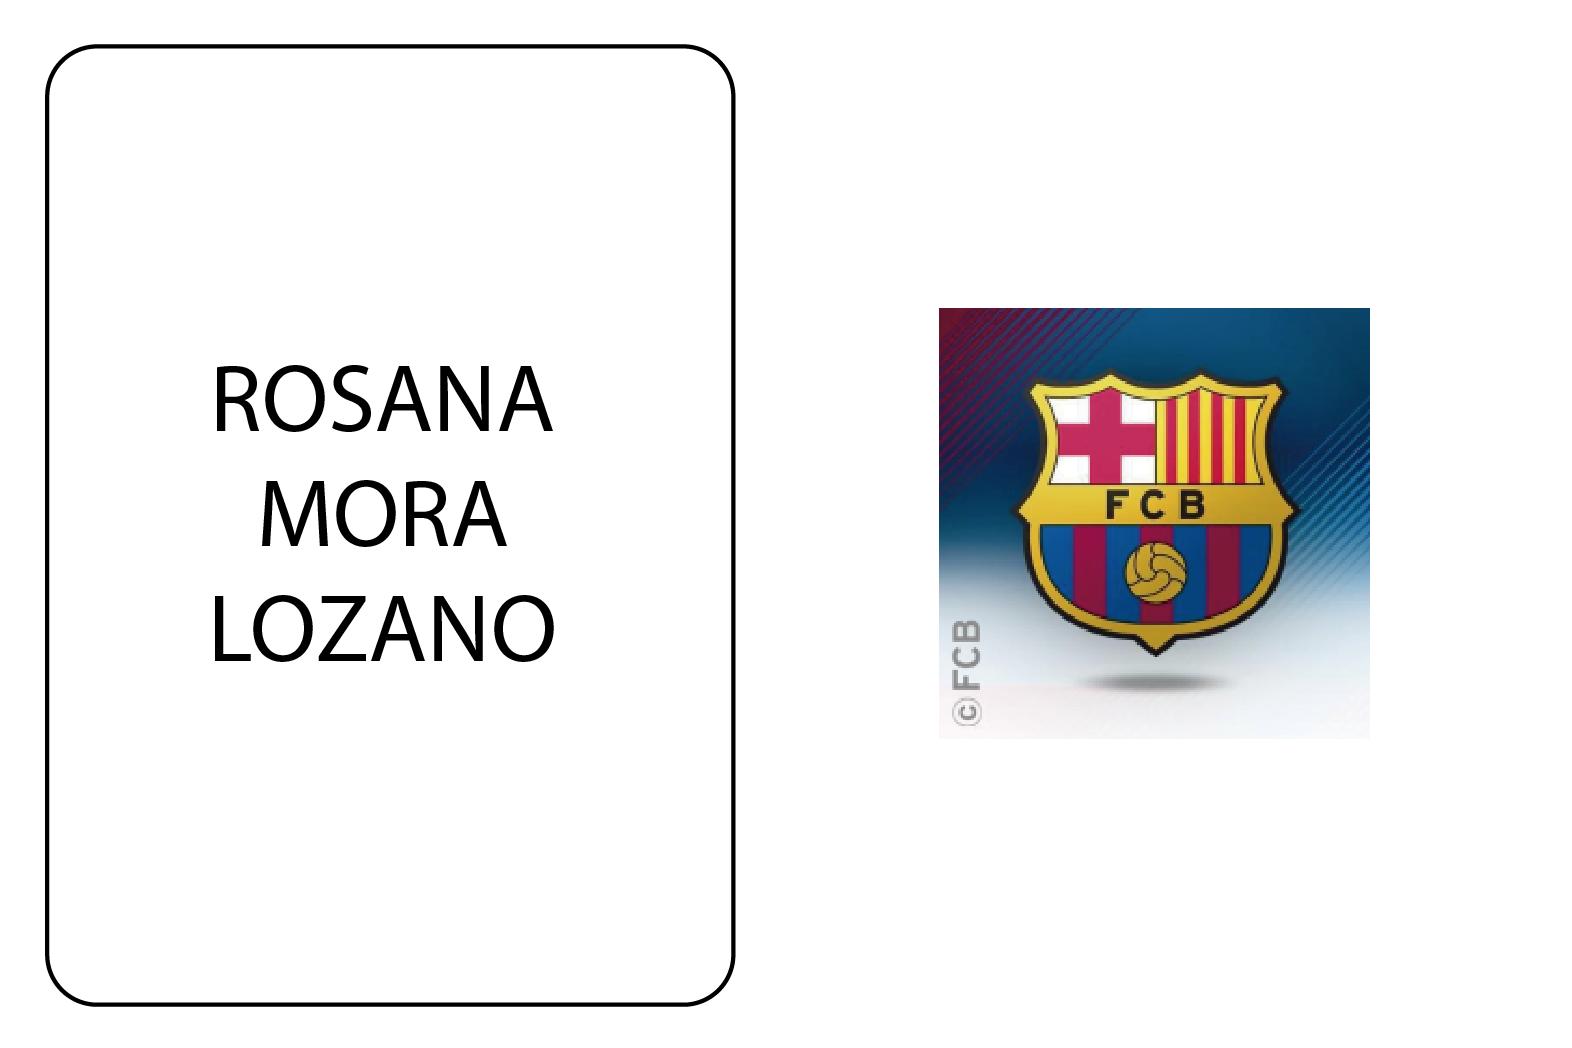 NOMBRE SOCIA  Rosana Mora Lozano EMPRESA  FUTBOL CLUB BARCELONA SECTOR   Comunicació PÁGINA WEB  https   www.fcbarcelona.cat  0003bbadbad